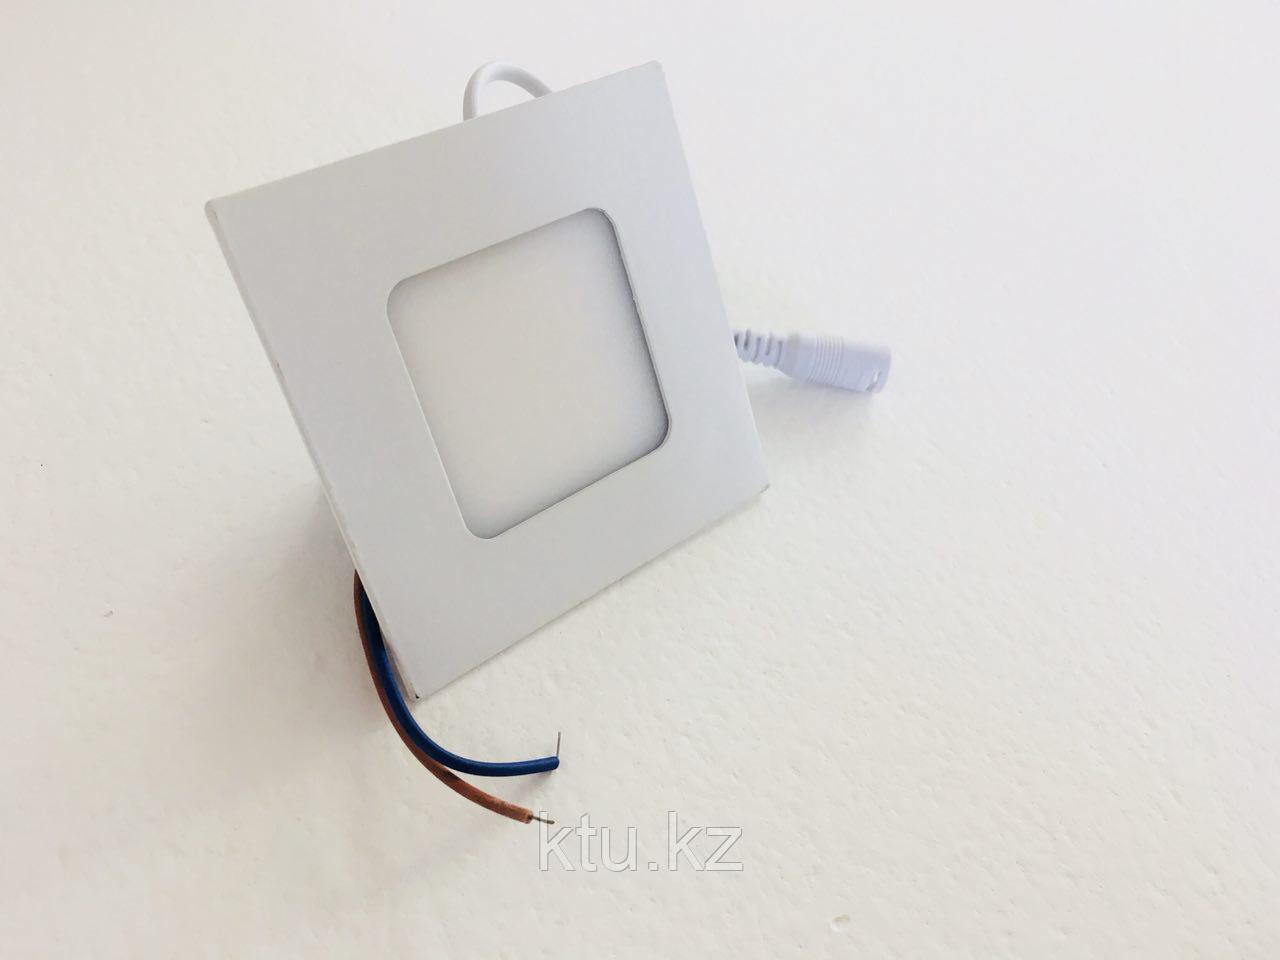 Светильники (споты) для холла JL-F 4W,внутренний 1год гарантия